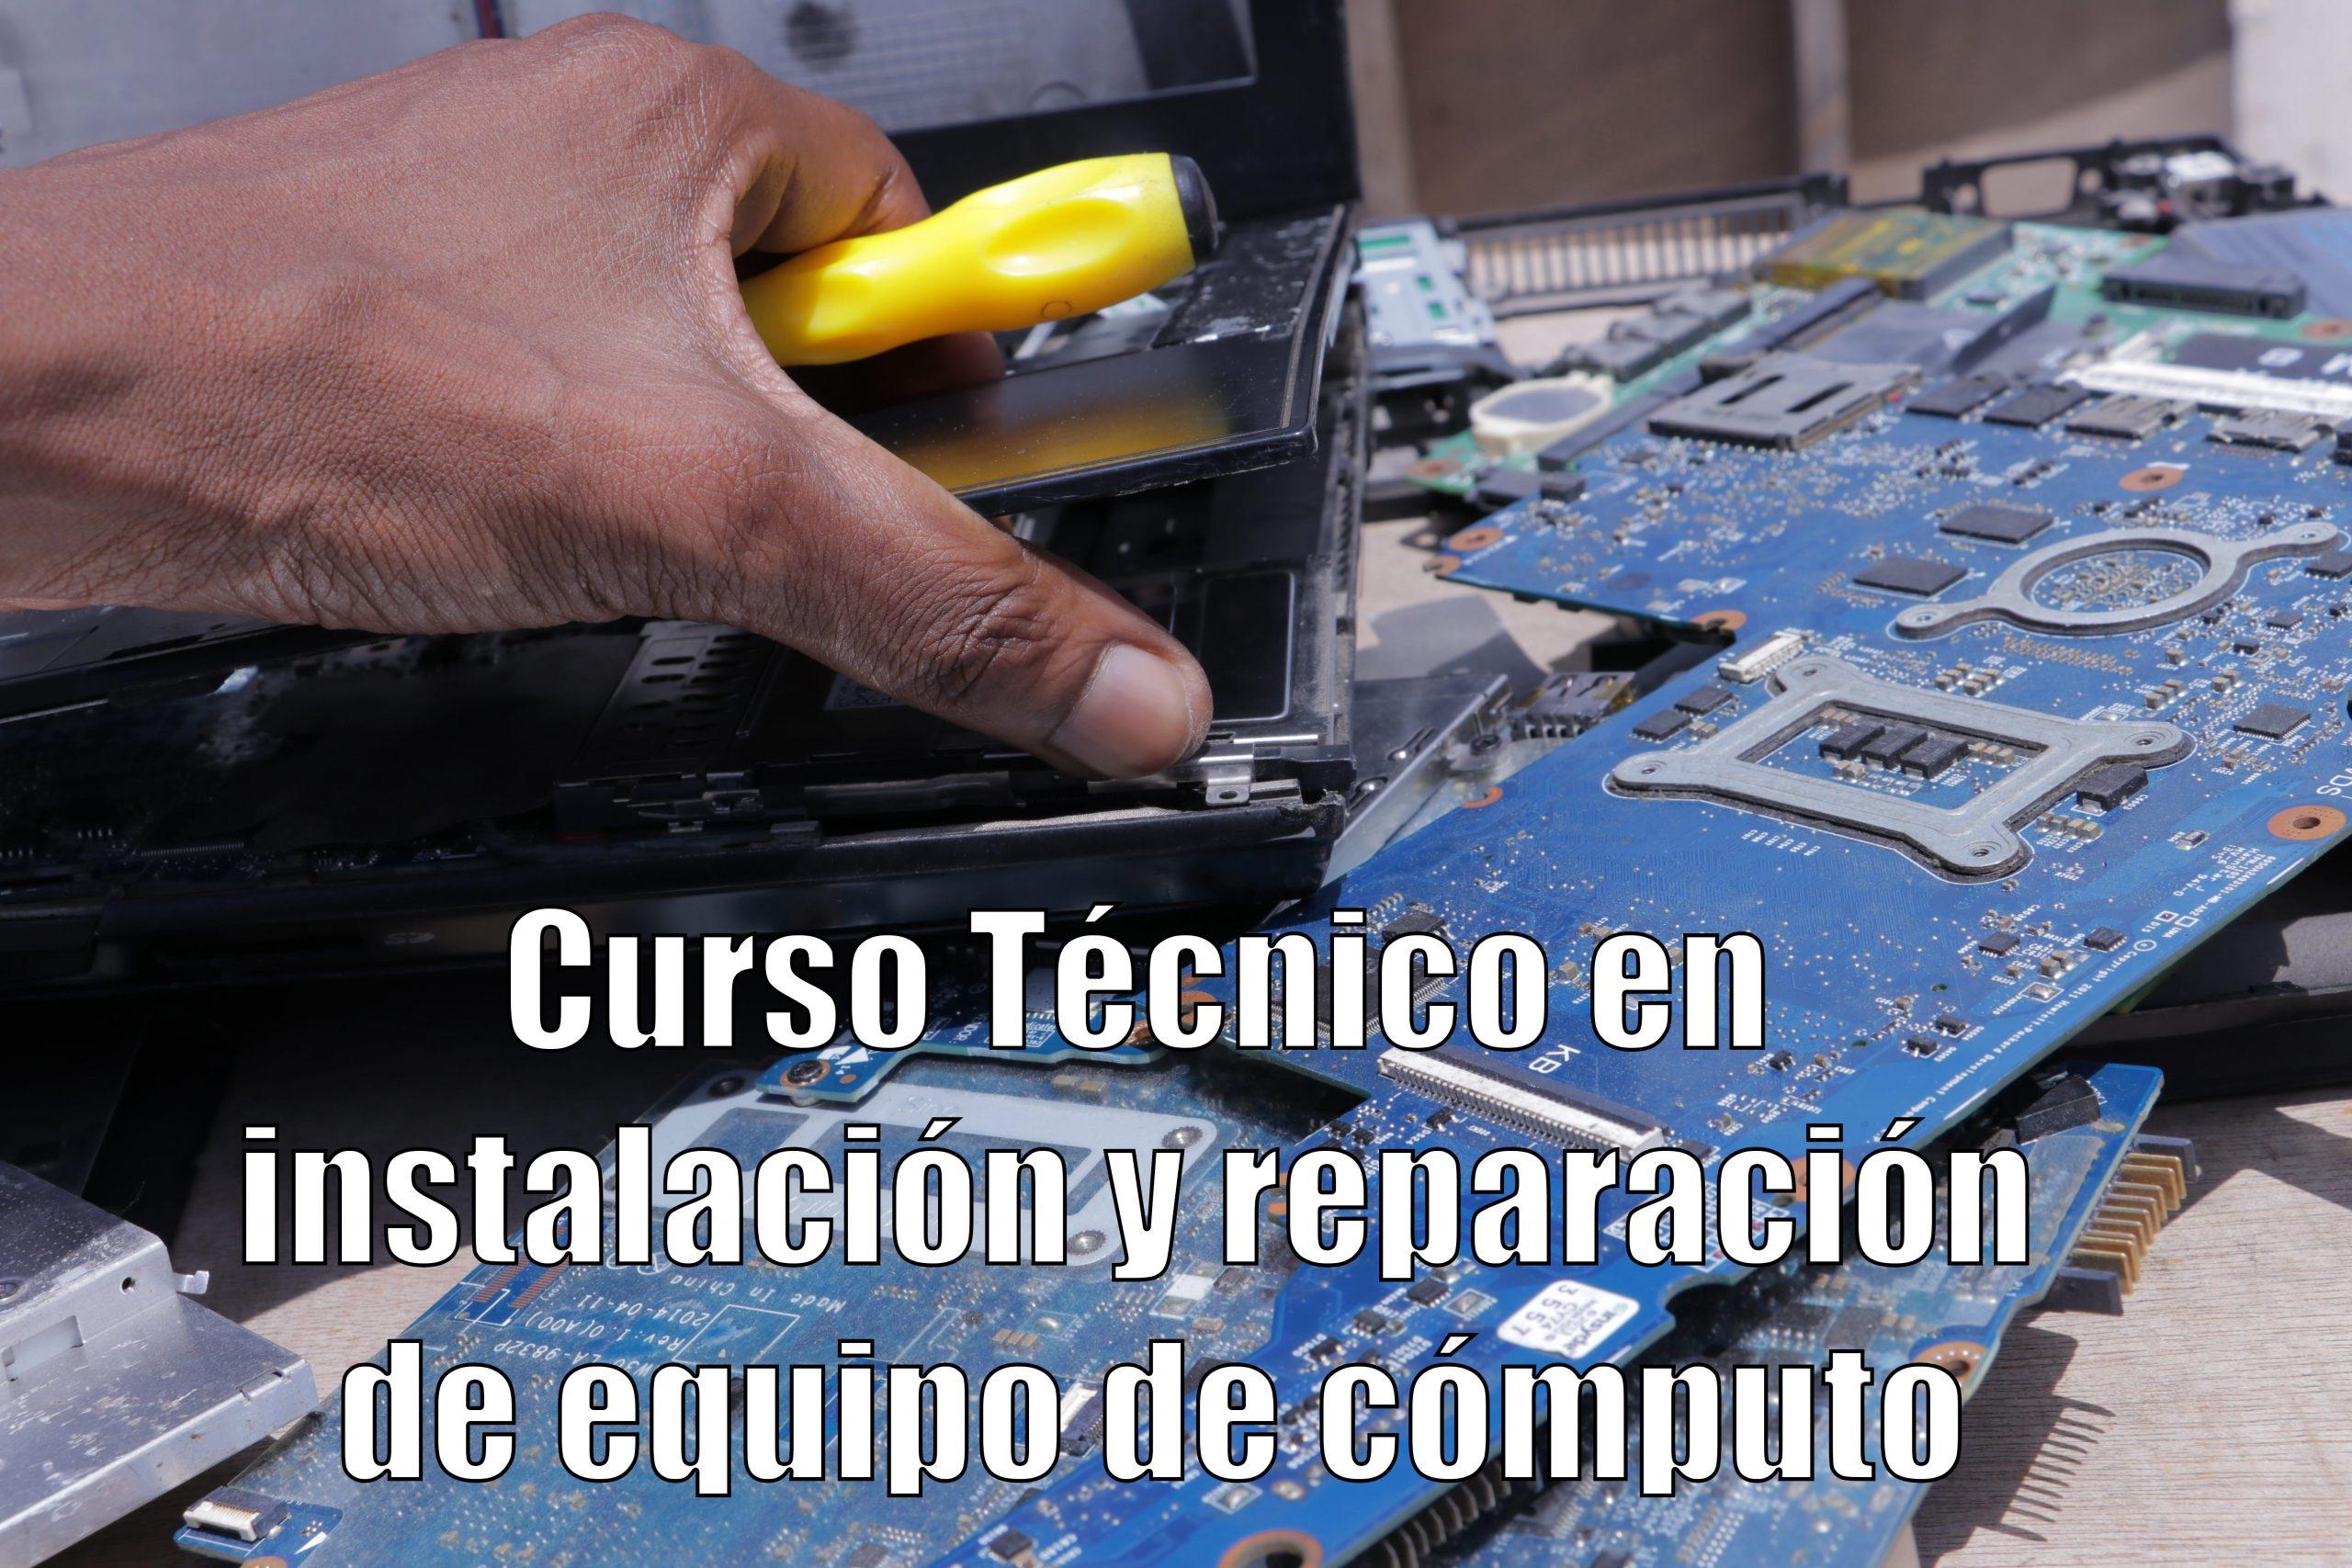 Curso Técnico en instalación y reparación de equipo de cómputo